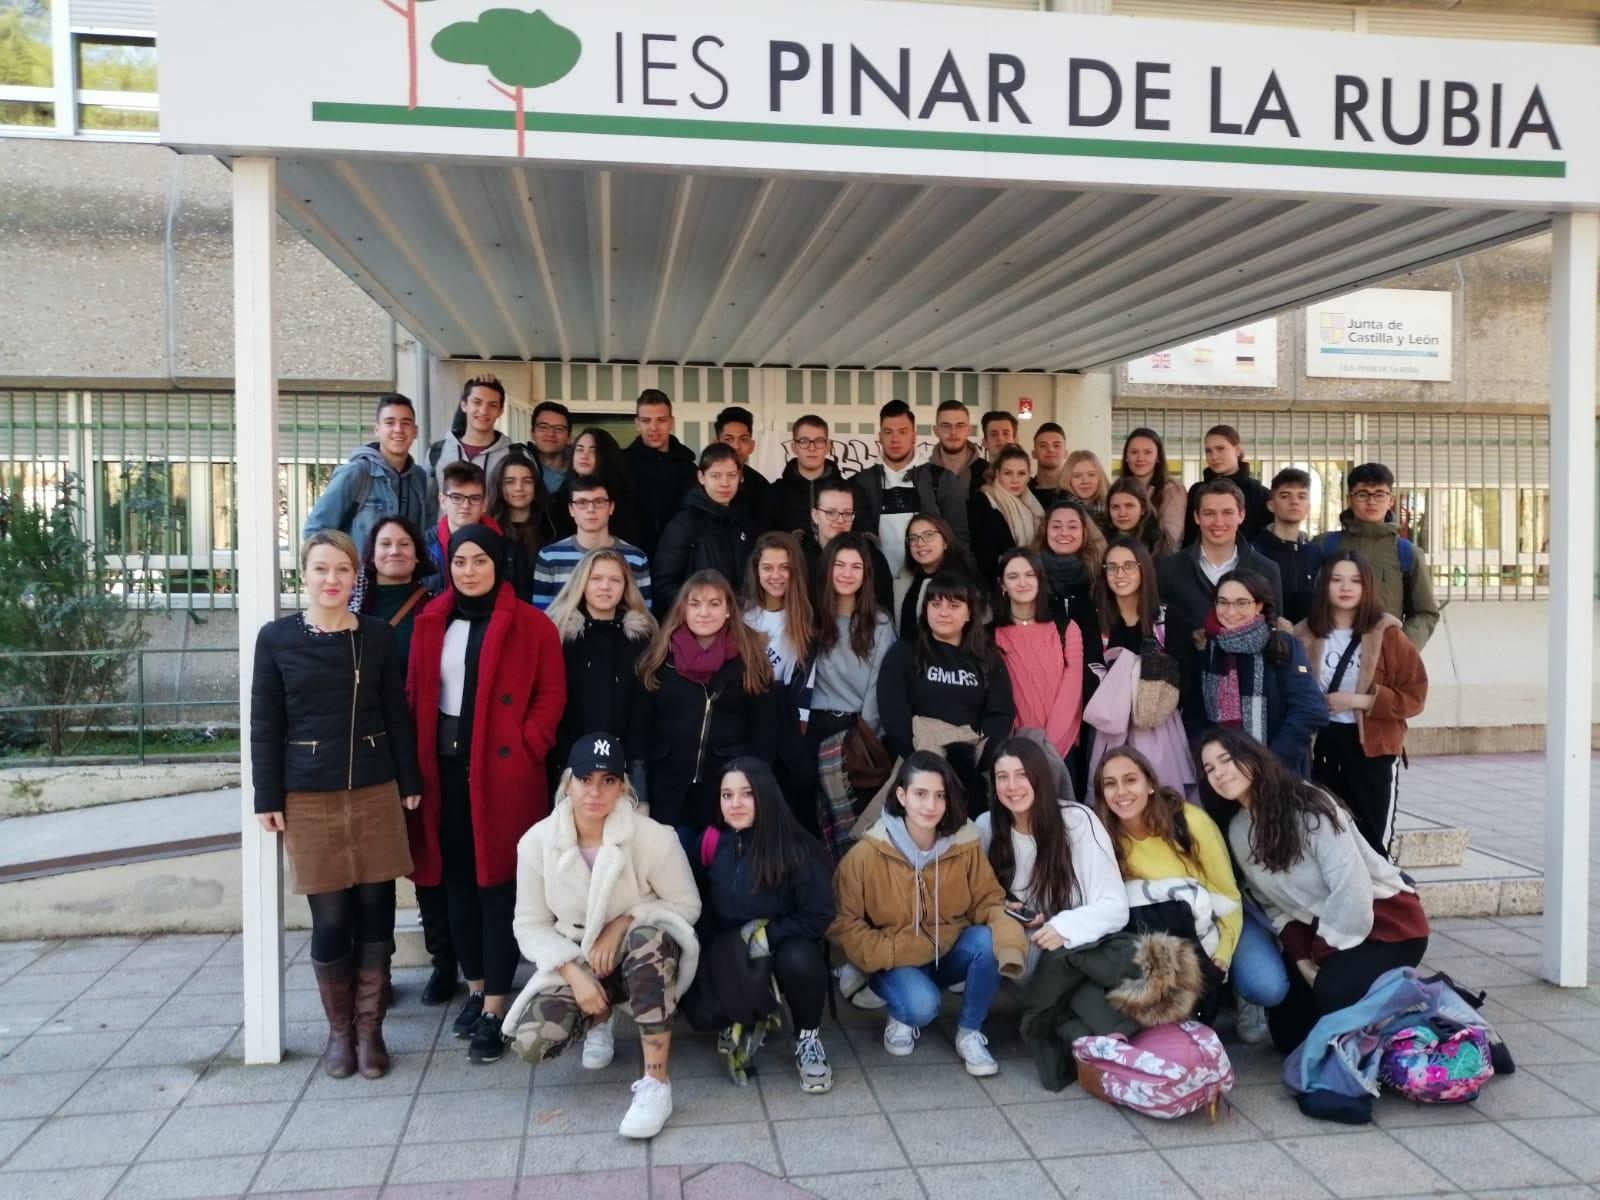 Besuch KSH in Valladolid vom 8.2.19-14.2.19